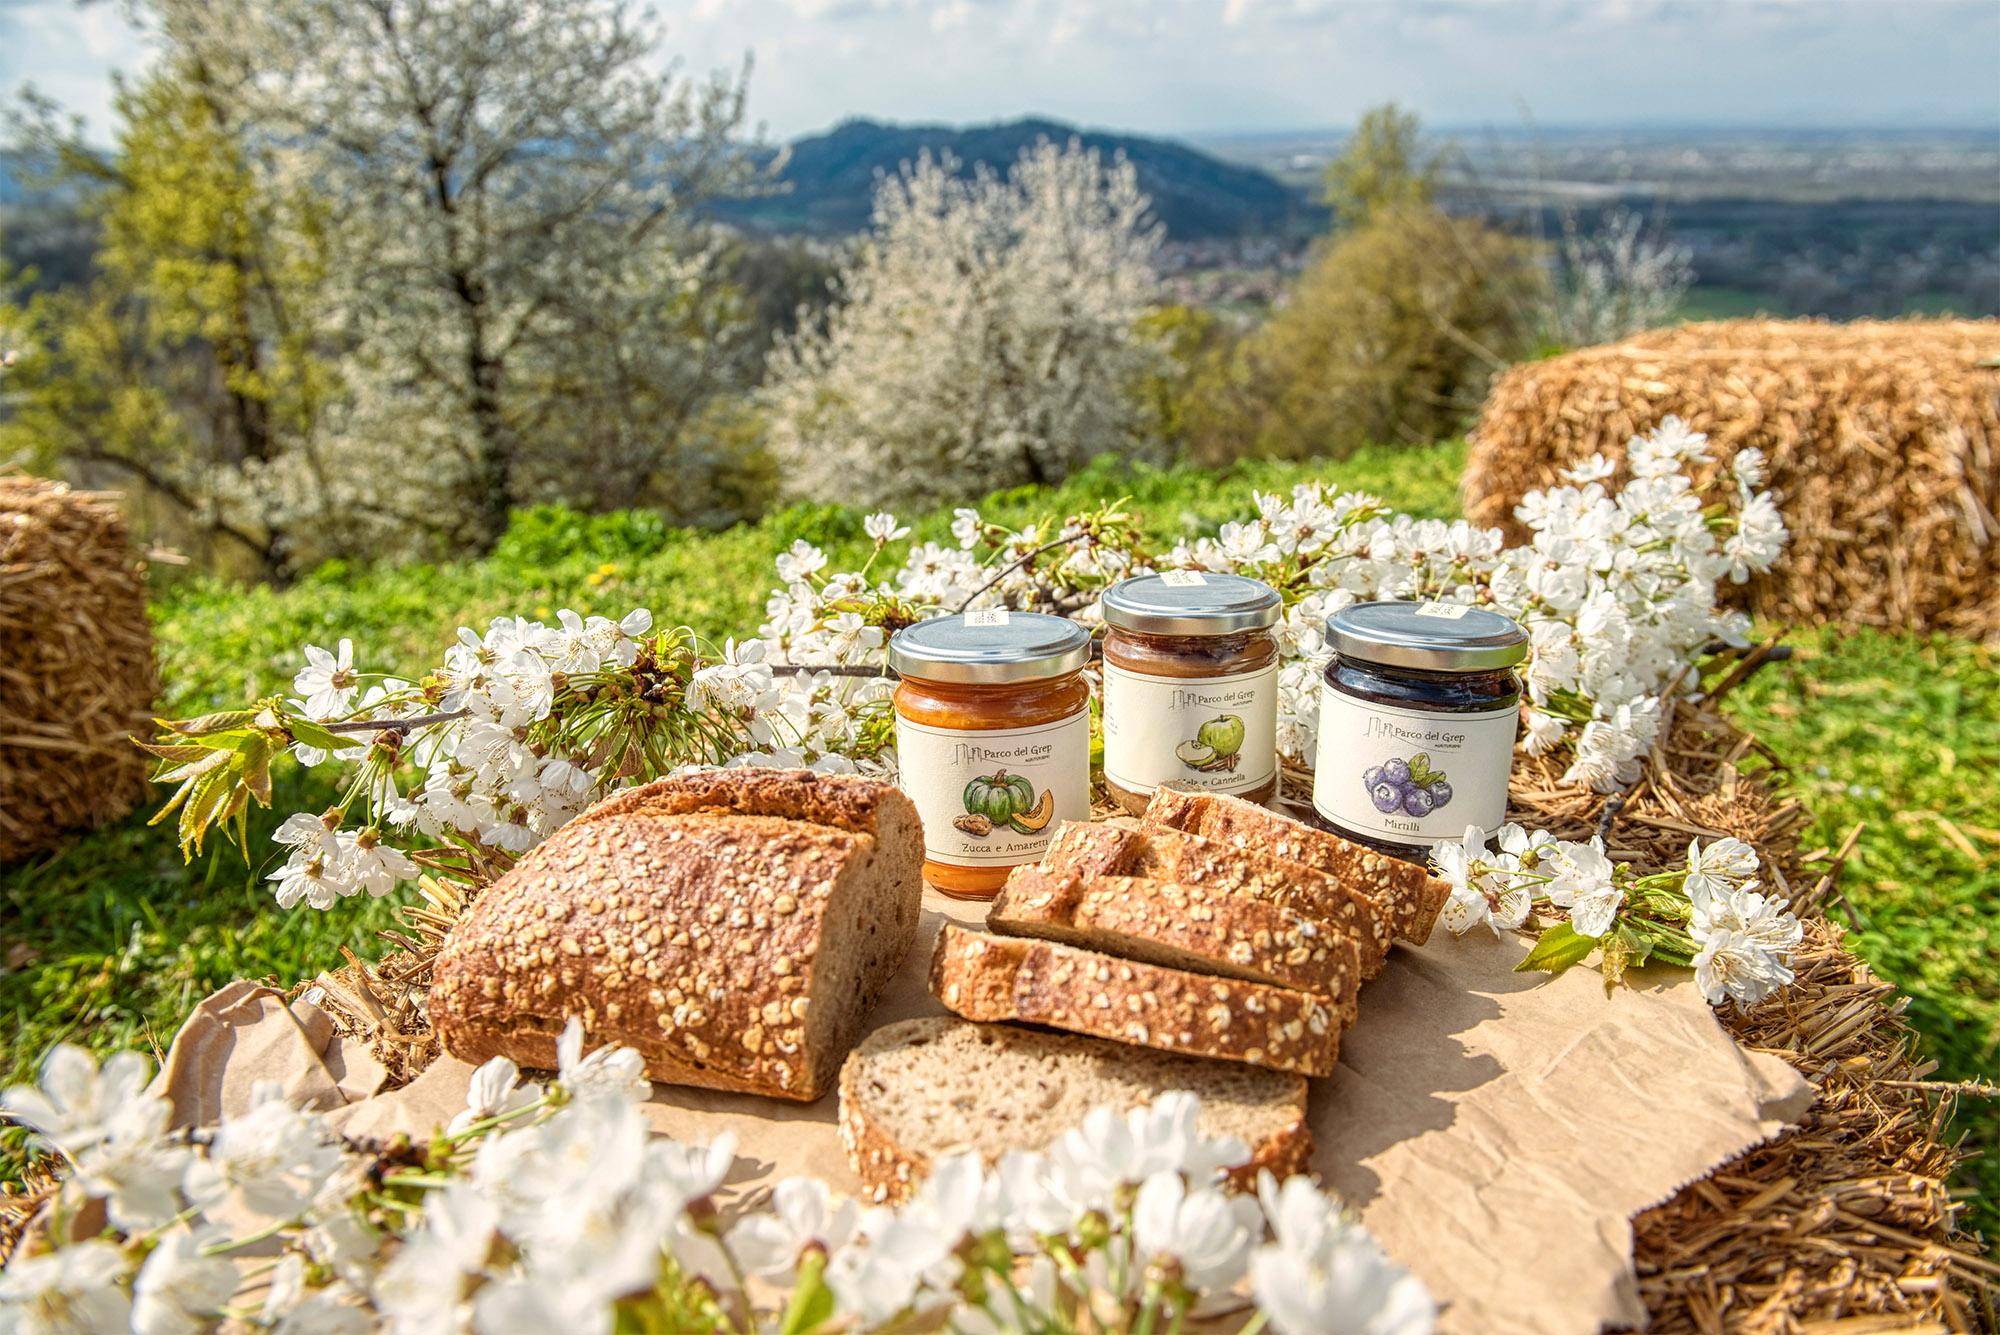 Agriturismo Parco del Grep - Monferrato, Piemonte - Prodotti genuini alla Locanda del Grep